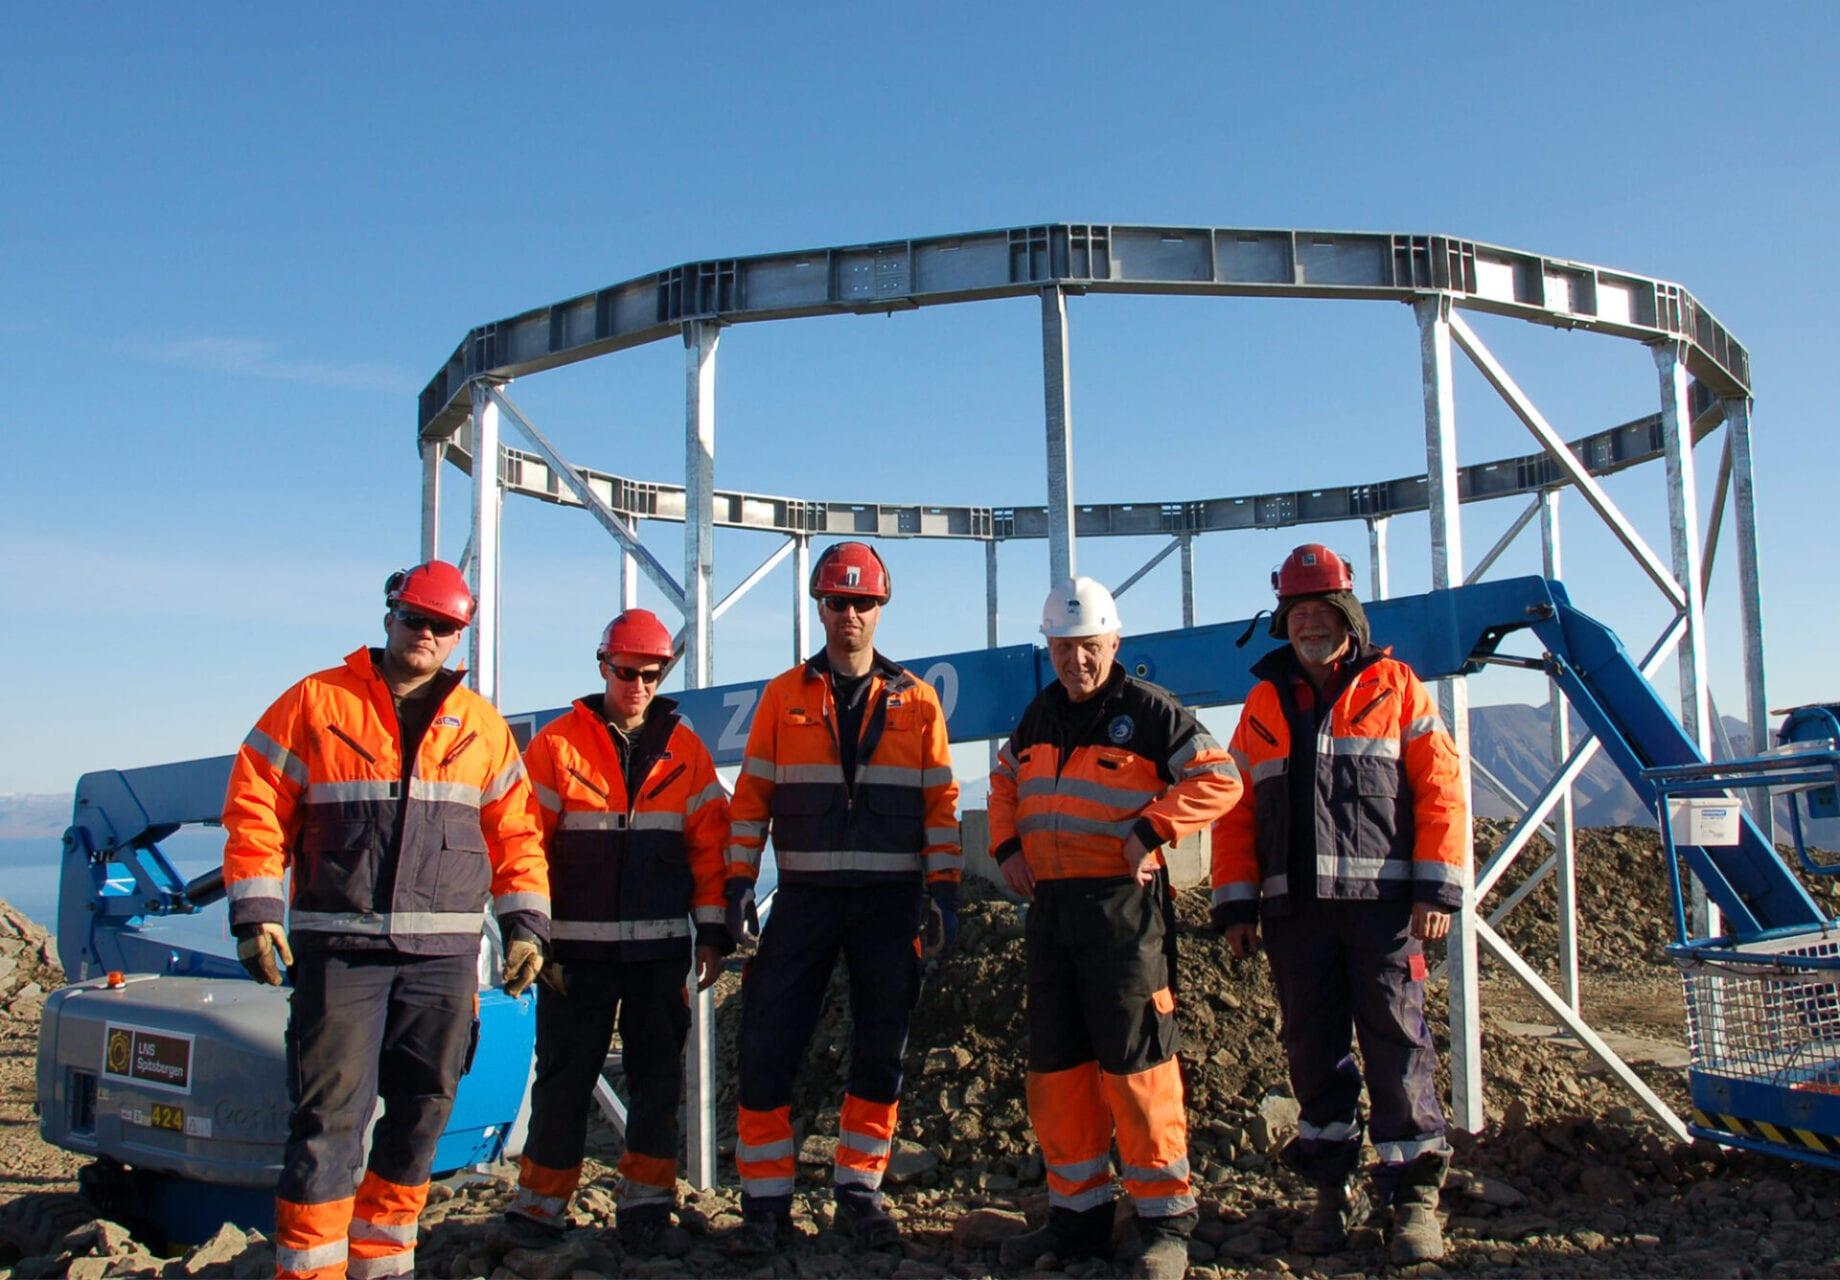 5 arbeidere med orange uniform, hjelm med lys og hørselvern